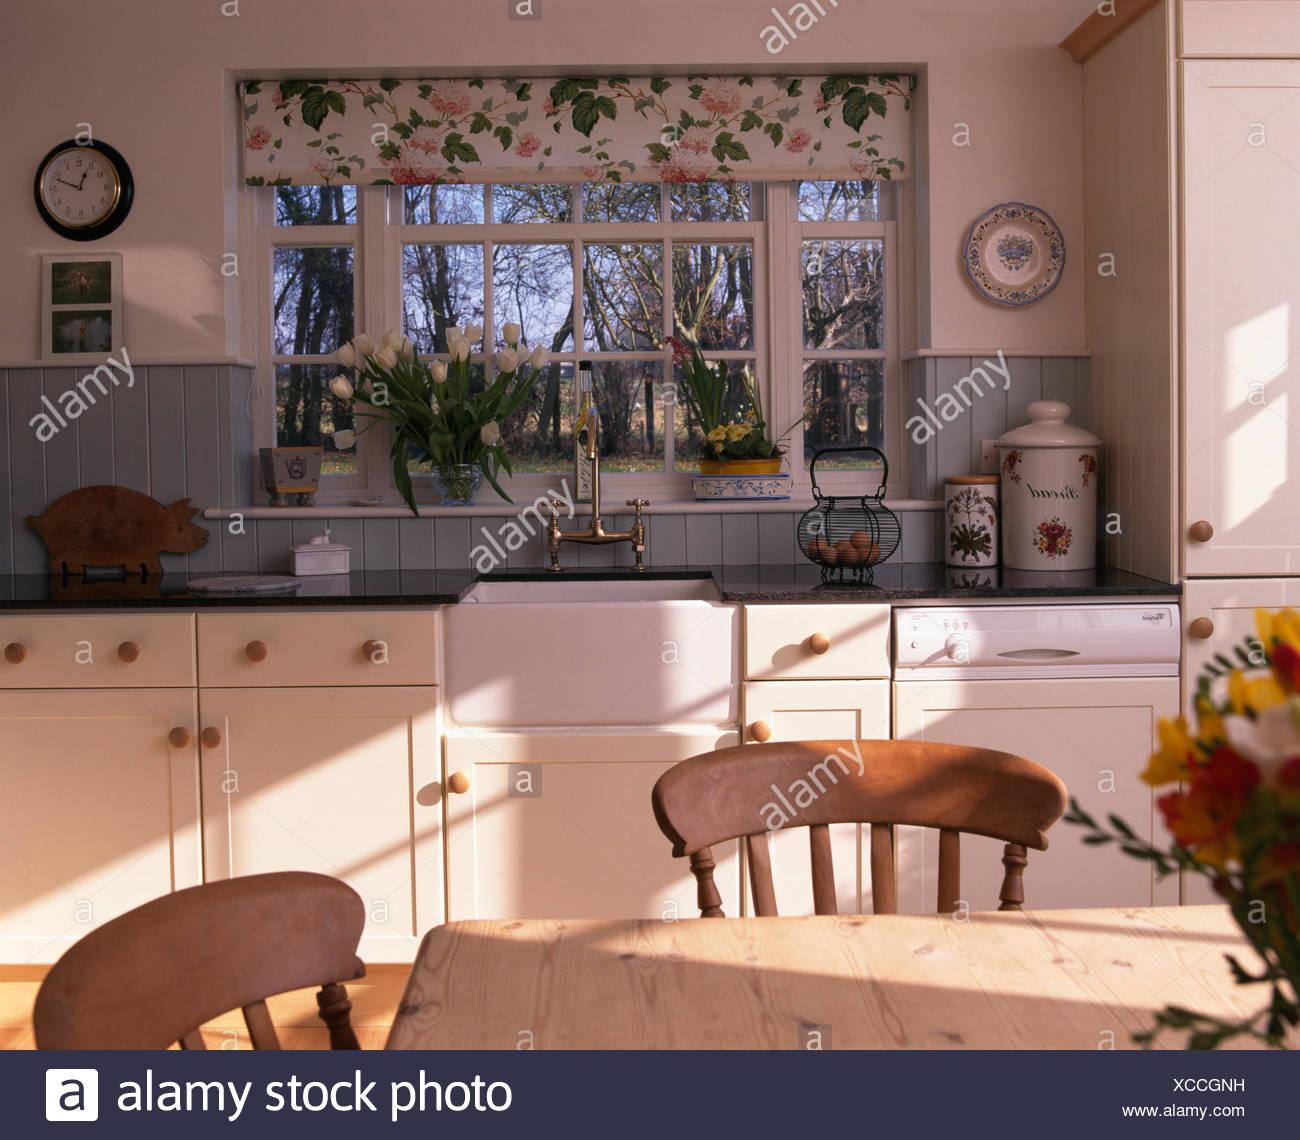 Cucine Con Finestra Sul Lavello floral cieco sulla finestra sopra belfast lavello in cucina